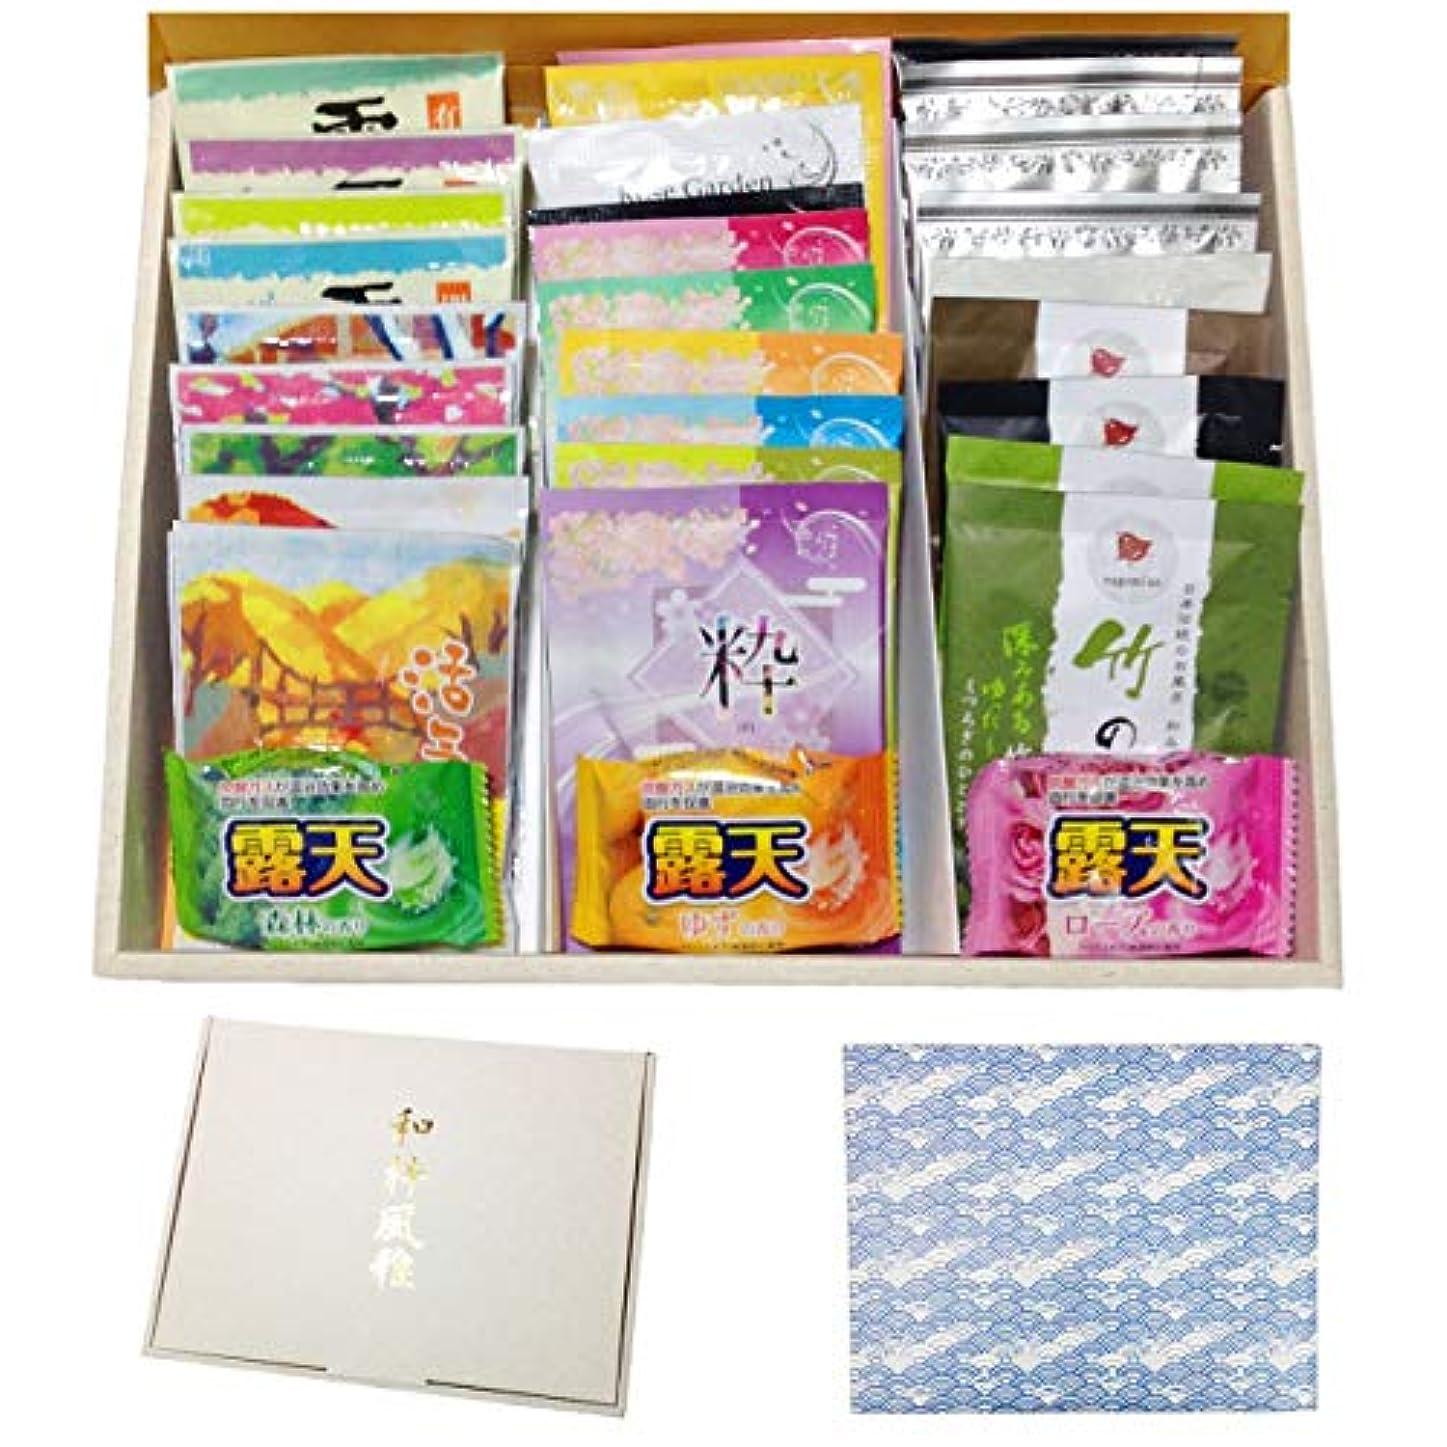 ミュージカル屋内寛容入浴剤 ギフト セット 日本製 温泉 炭酸 つめあわせ バスギフト プレゼント 30種類/50種類 (30個30種類)